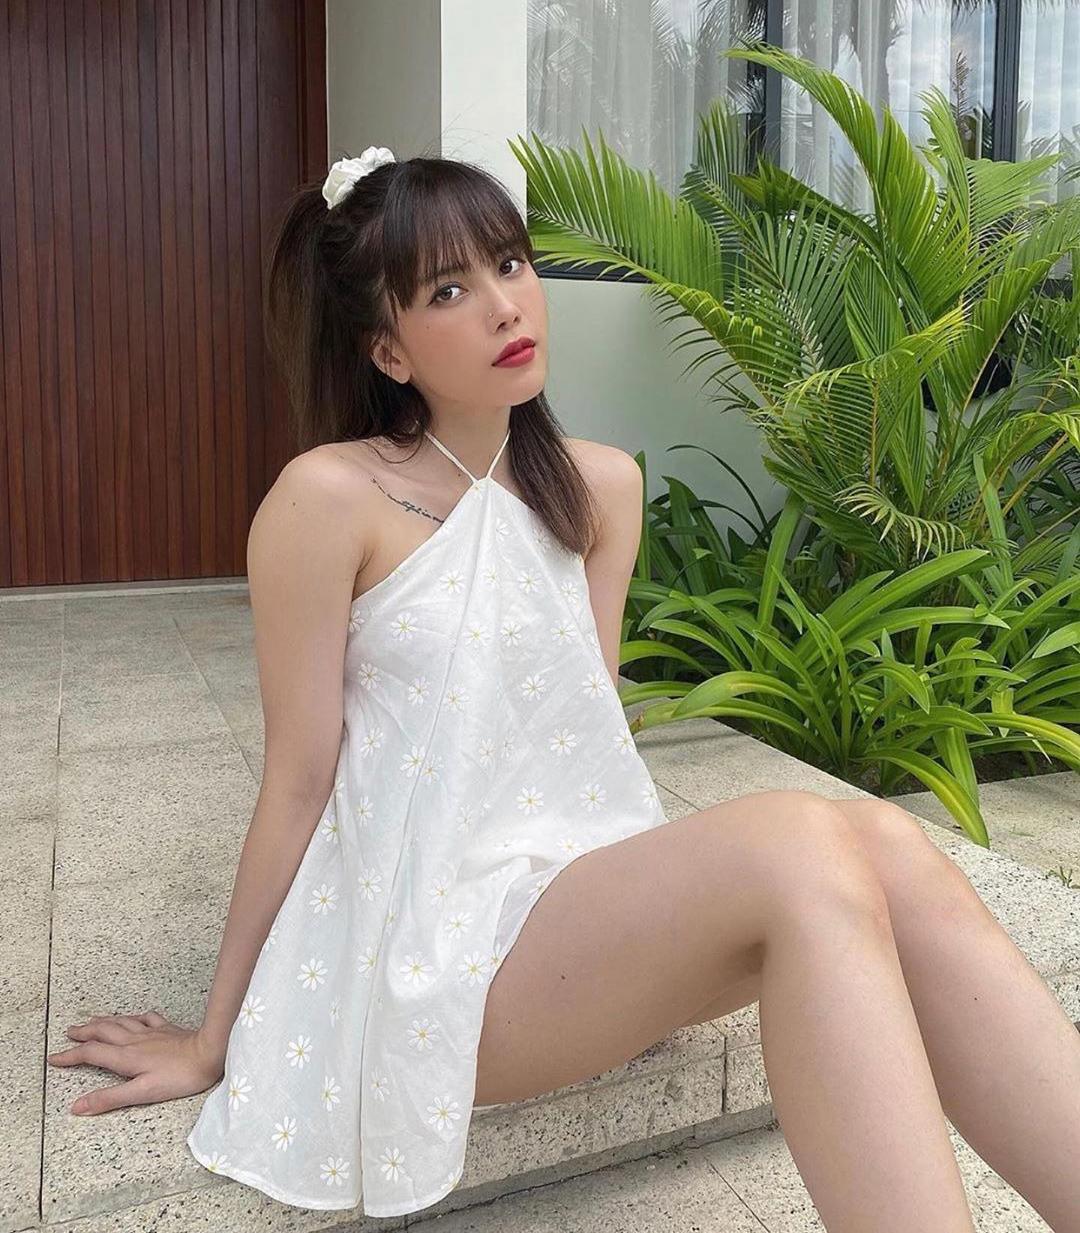 Áo váy cổ yếm in họa tiết hoa cúc đúng mốt giá 530k mang đến cho bạn gái tin đồn Sơn Tùng vẻ đẹp tươi trẻ như các cô nữ sinh.